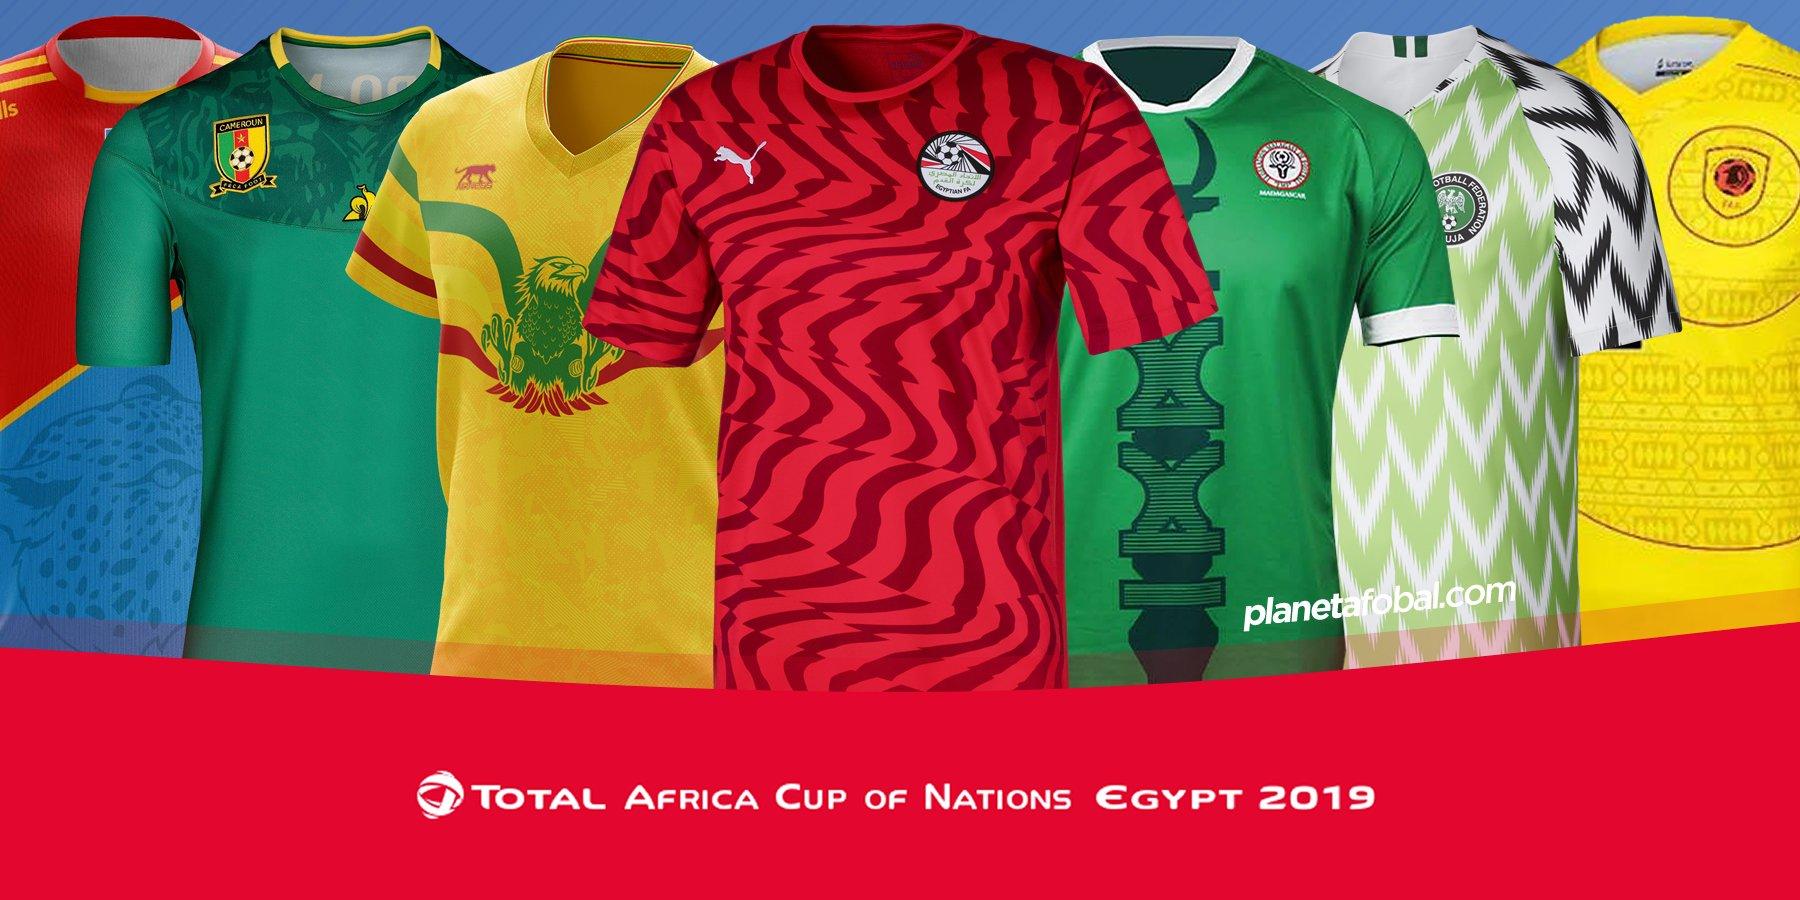 Representar Rítmico Halar  Camisetas de la Copa Africana de Naciones 2019